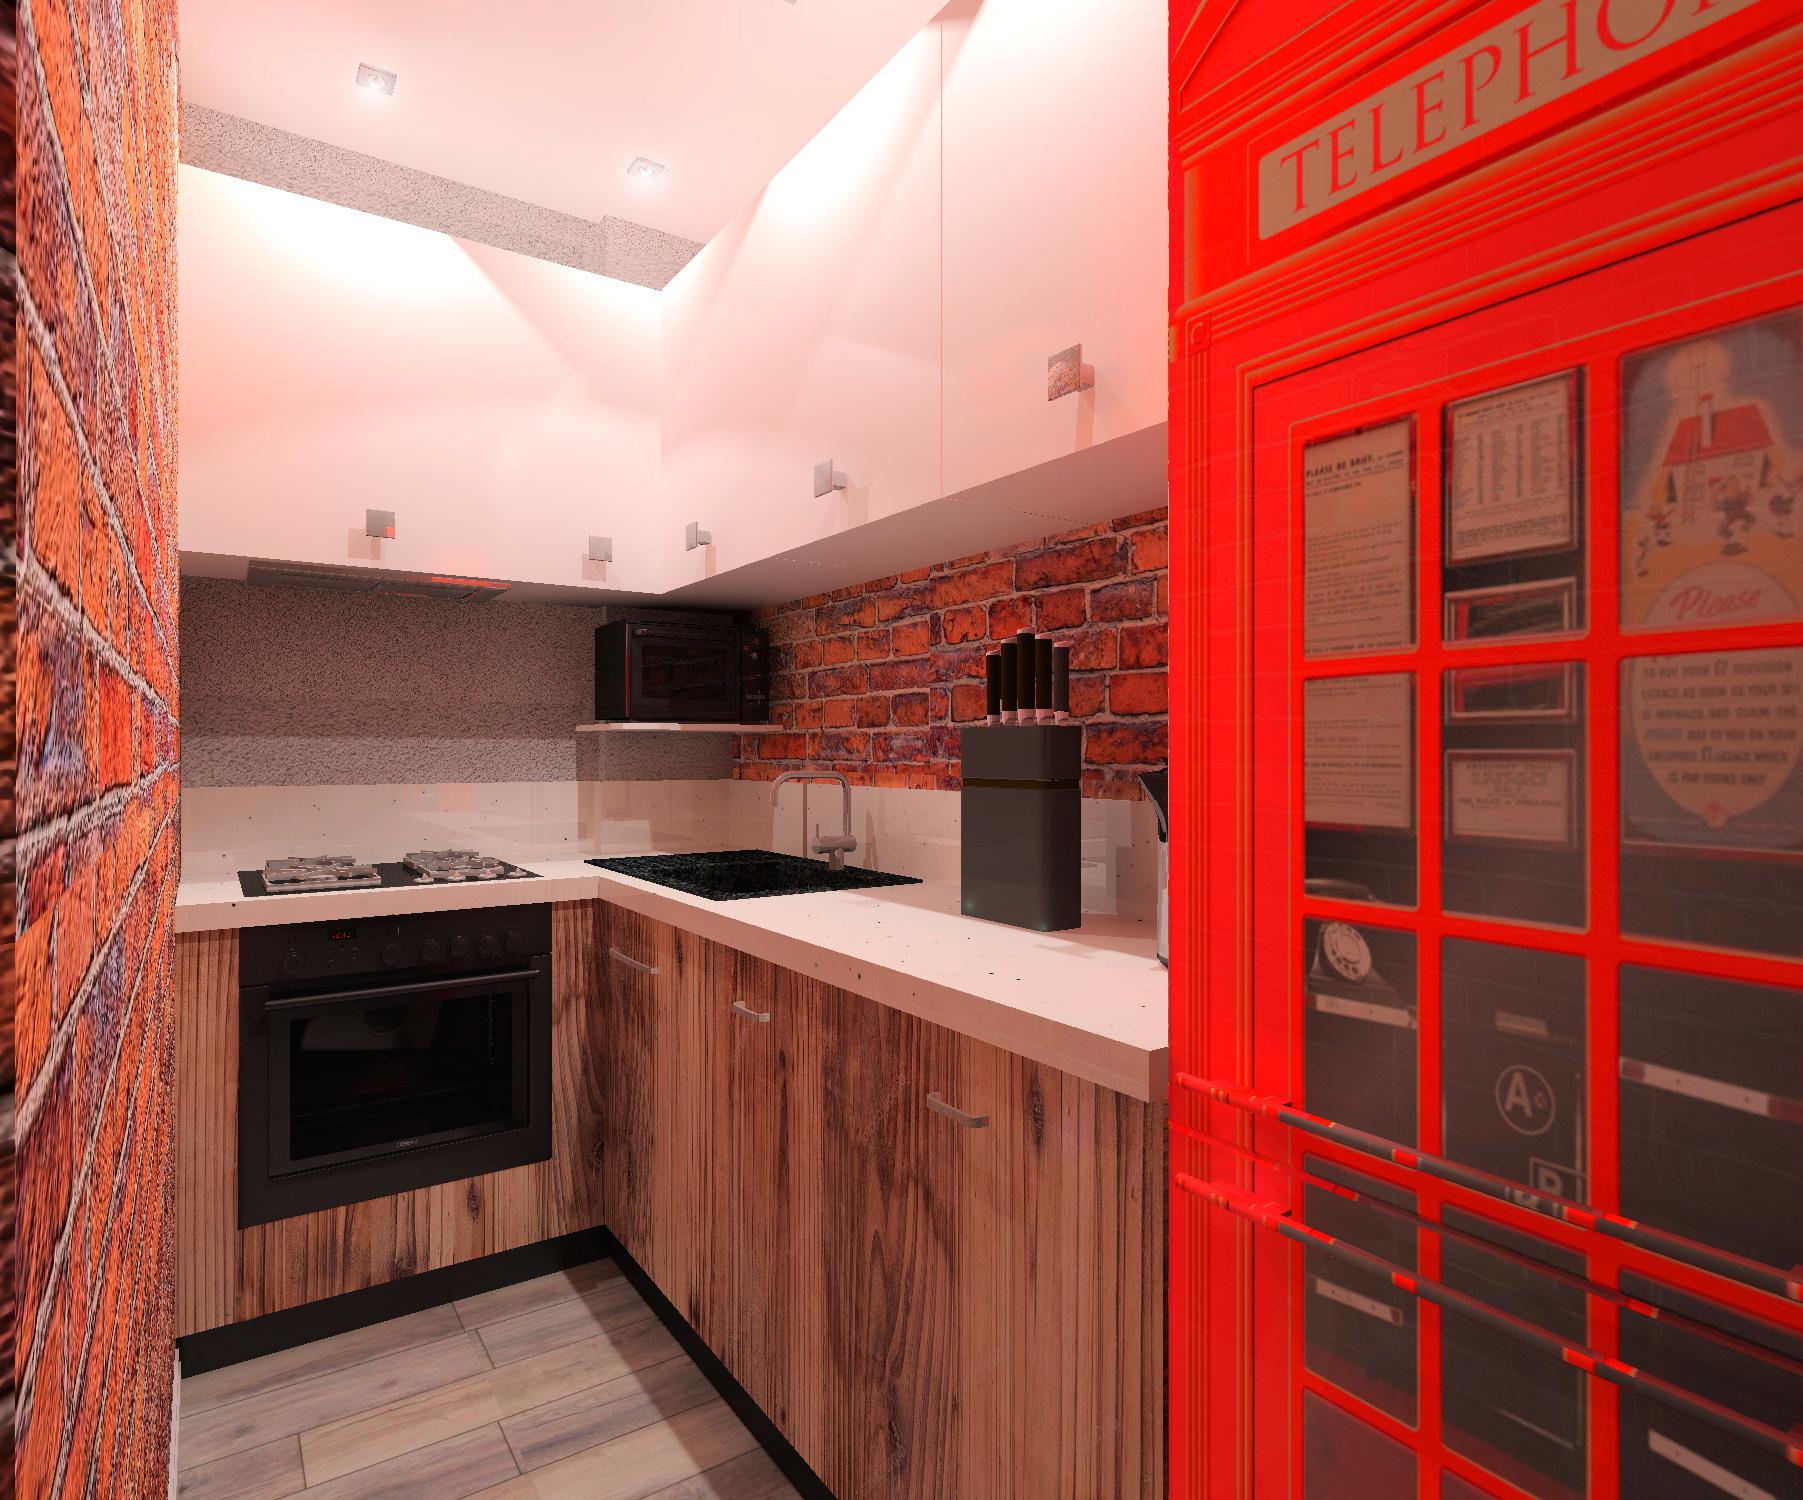 Дизайн проект интерьера первого уровня квартиры 69,9 м.кв. фото f_2645a577b5284368.jpg